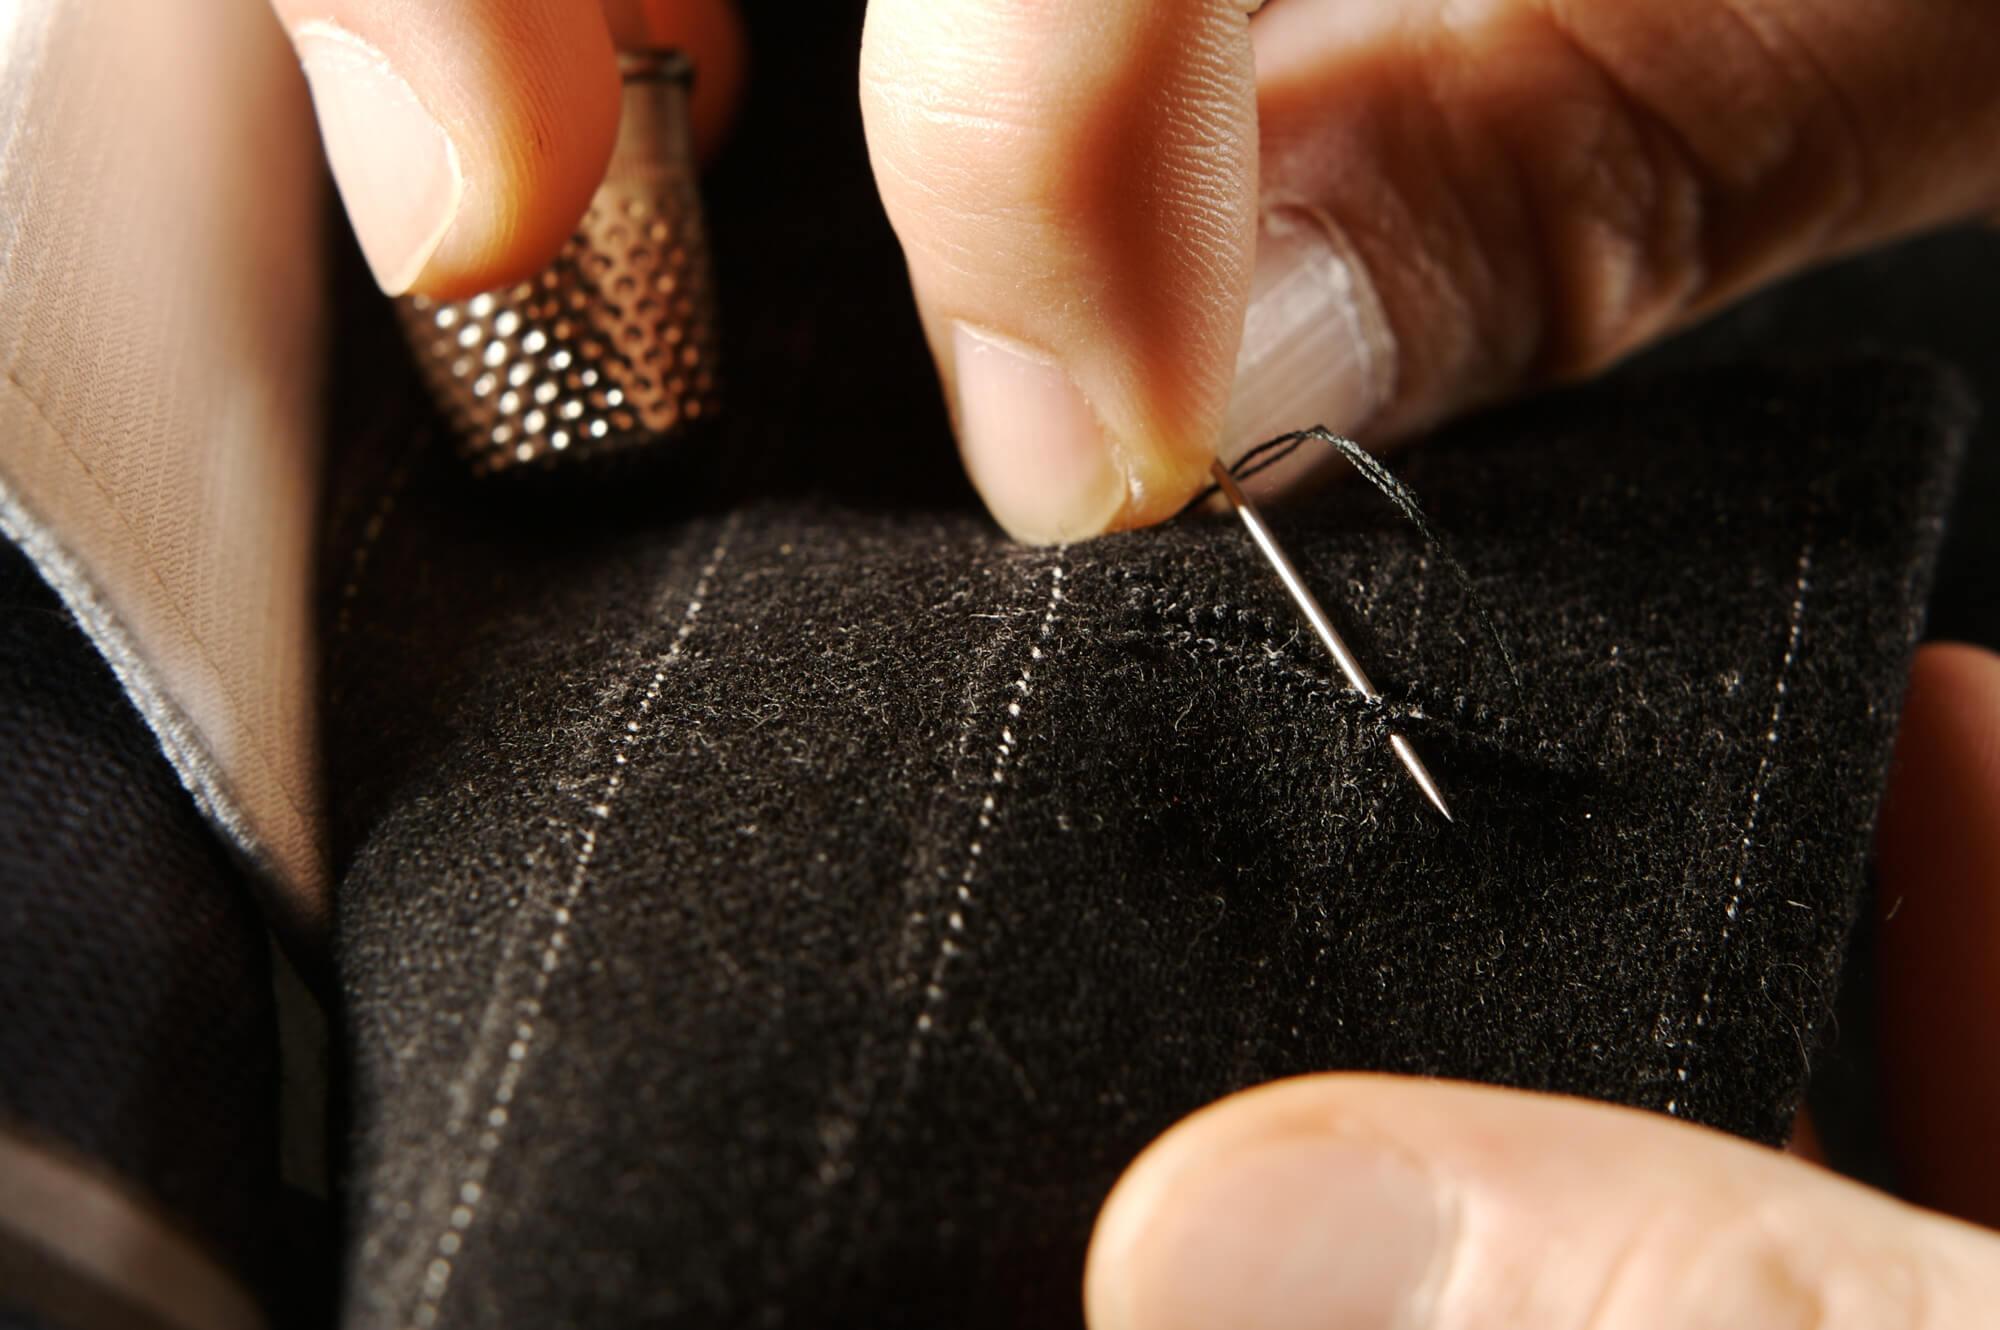 Feinanpassung maßgeschneiderter Damenkleidung